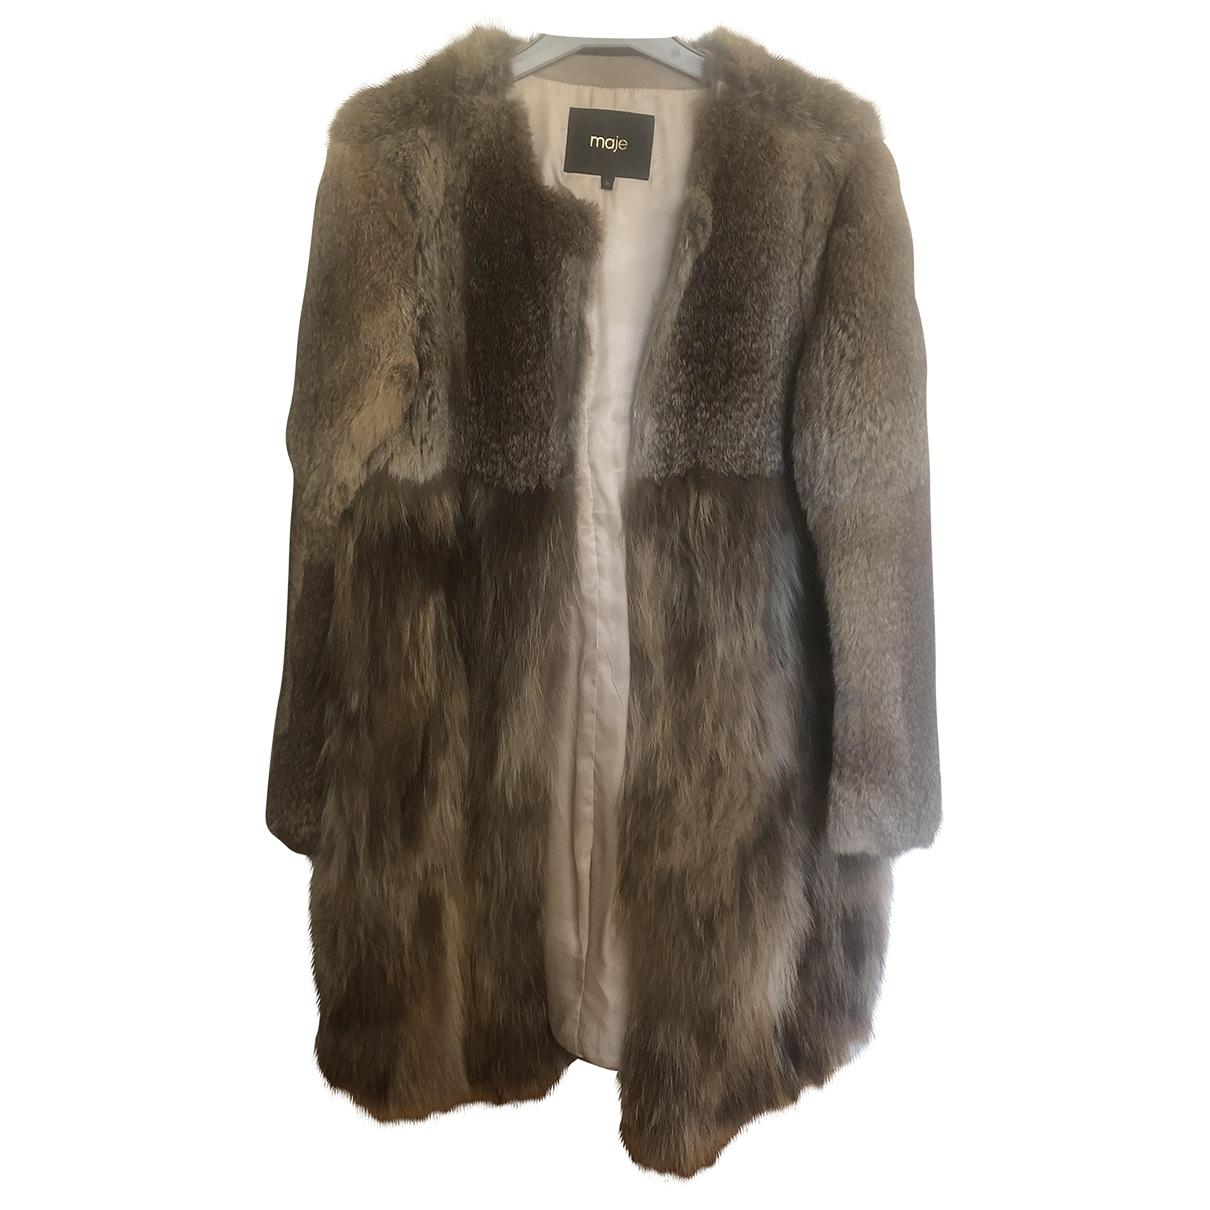 Maje \N Beige Rabbit coat for Women 36 FR